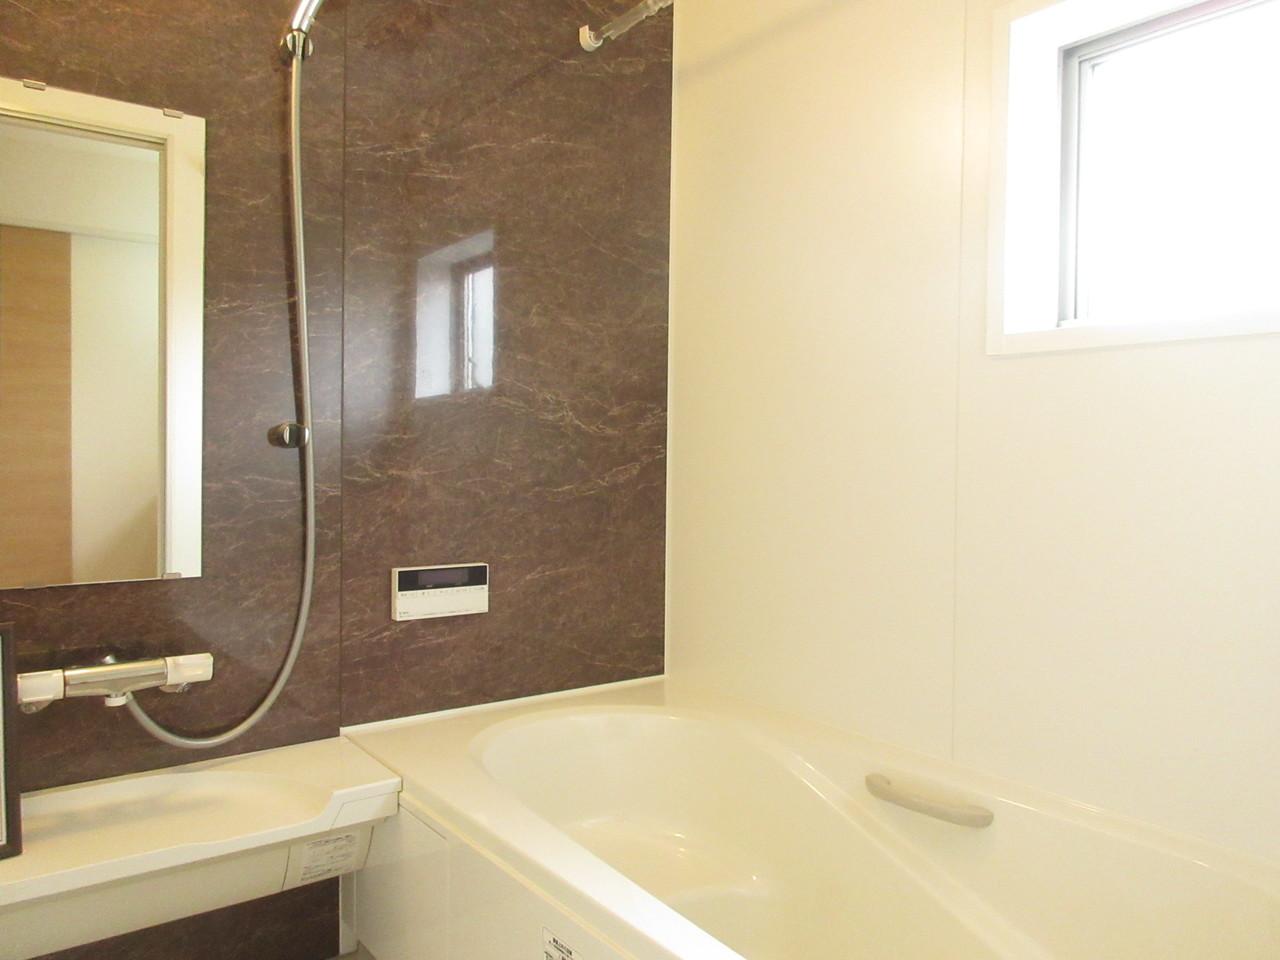 スタイリッシュな壁で大人な落ち着いた雰囲気の浴室です。リラックスできるバスタイムになりそうです(^^)